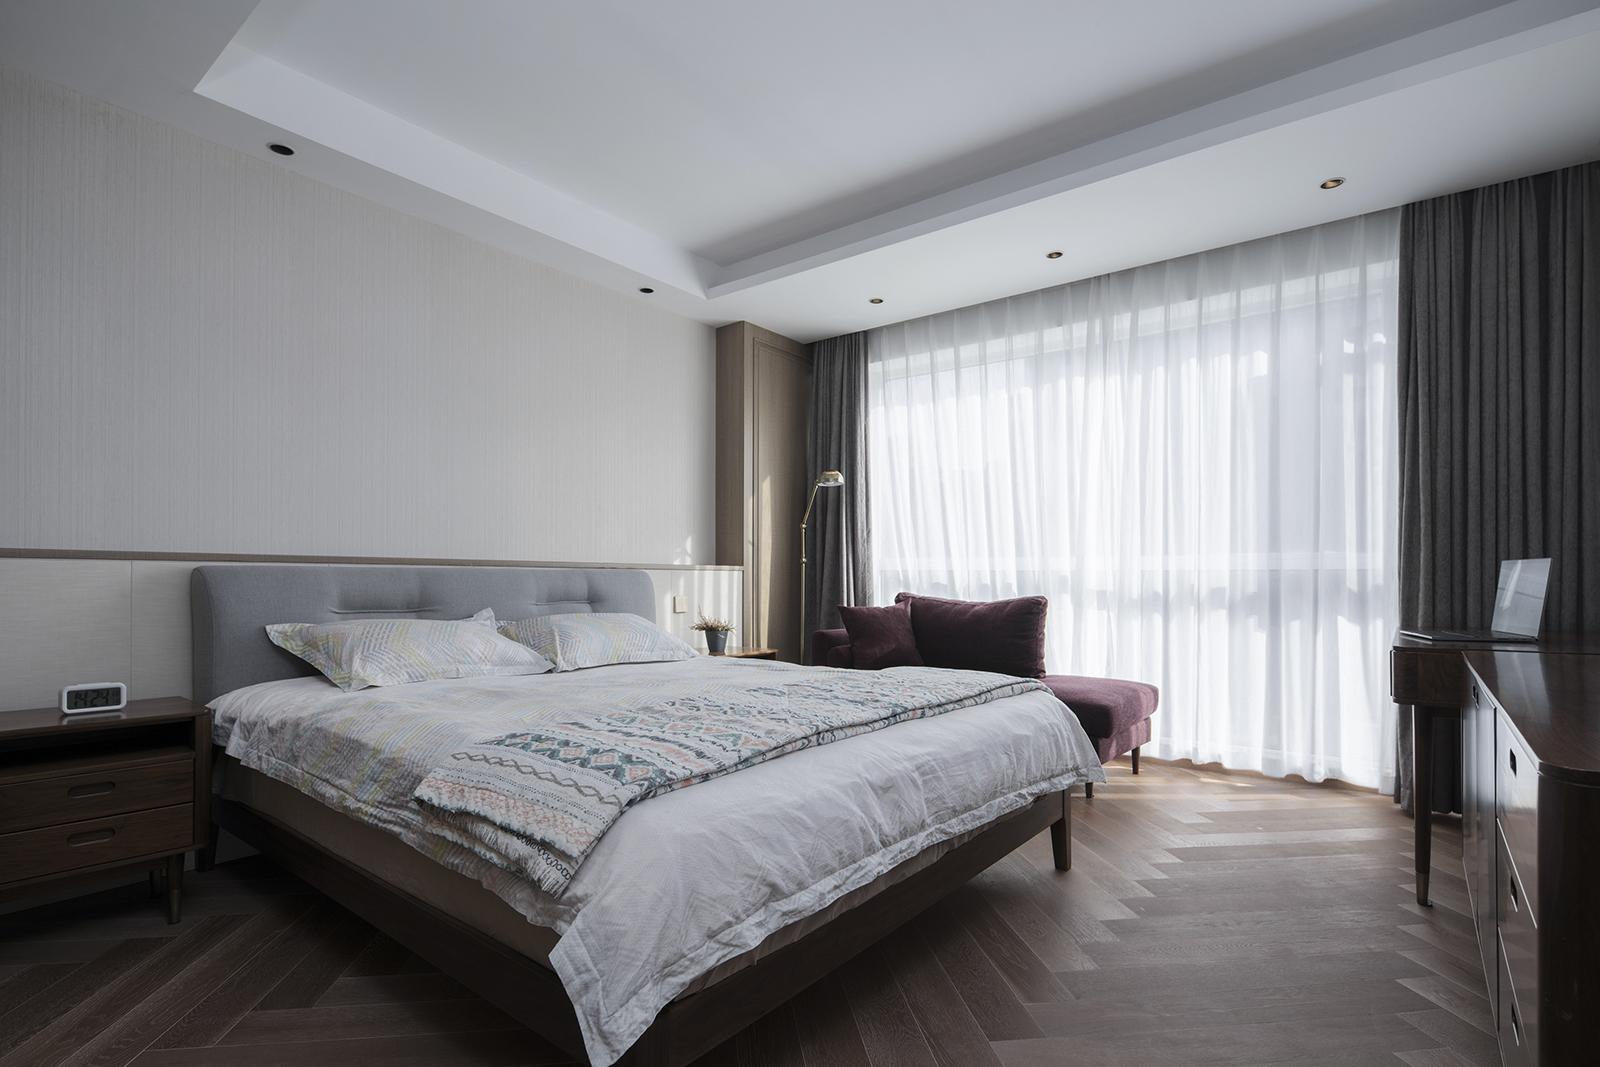 简约 混搭 三居 别墅 白领 收纳 80后 小资 卧室图片来自7KK DESIGN在如何把236平方改造成400平方使用的分享